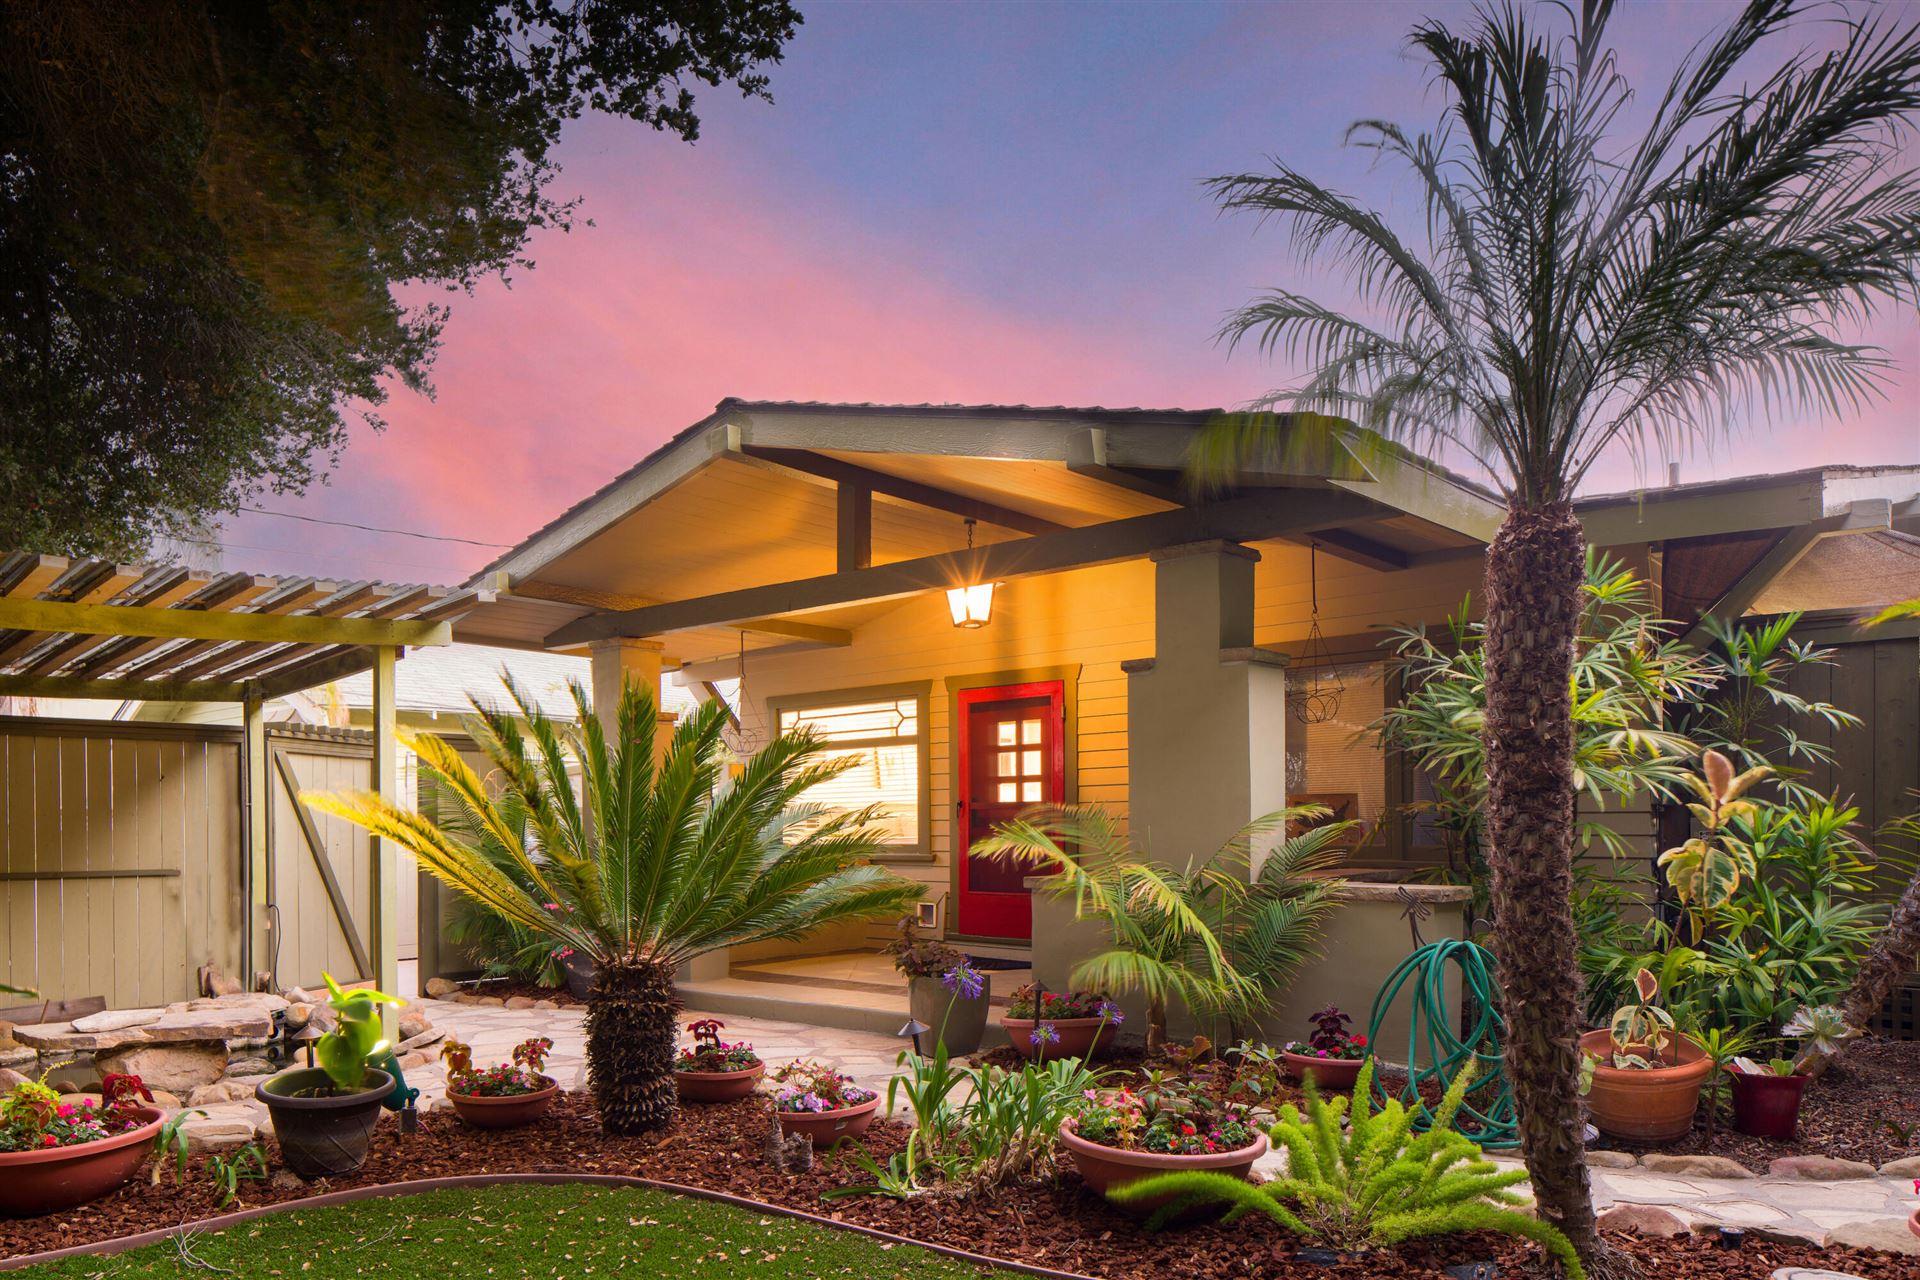 2127 Castillo St, Santa Barbara, CA 93105 - MLS#: 21-3367